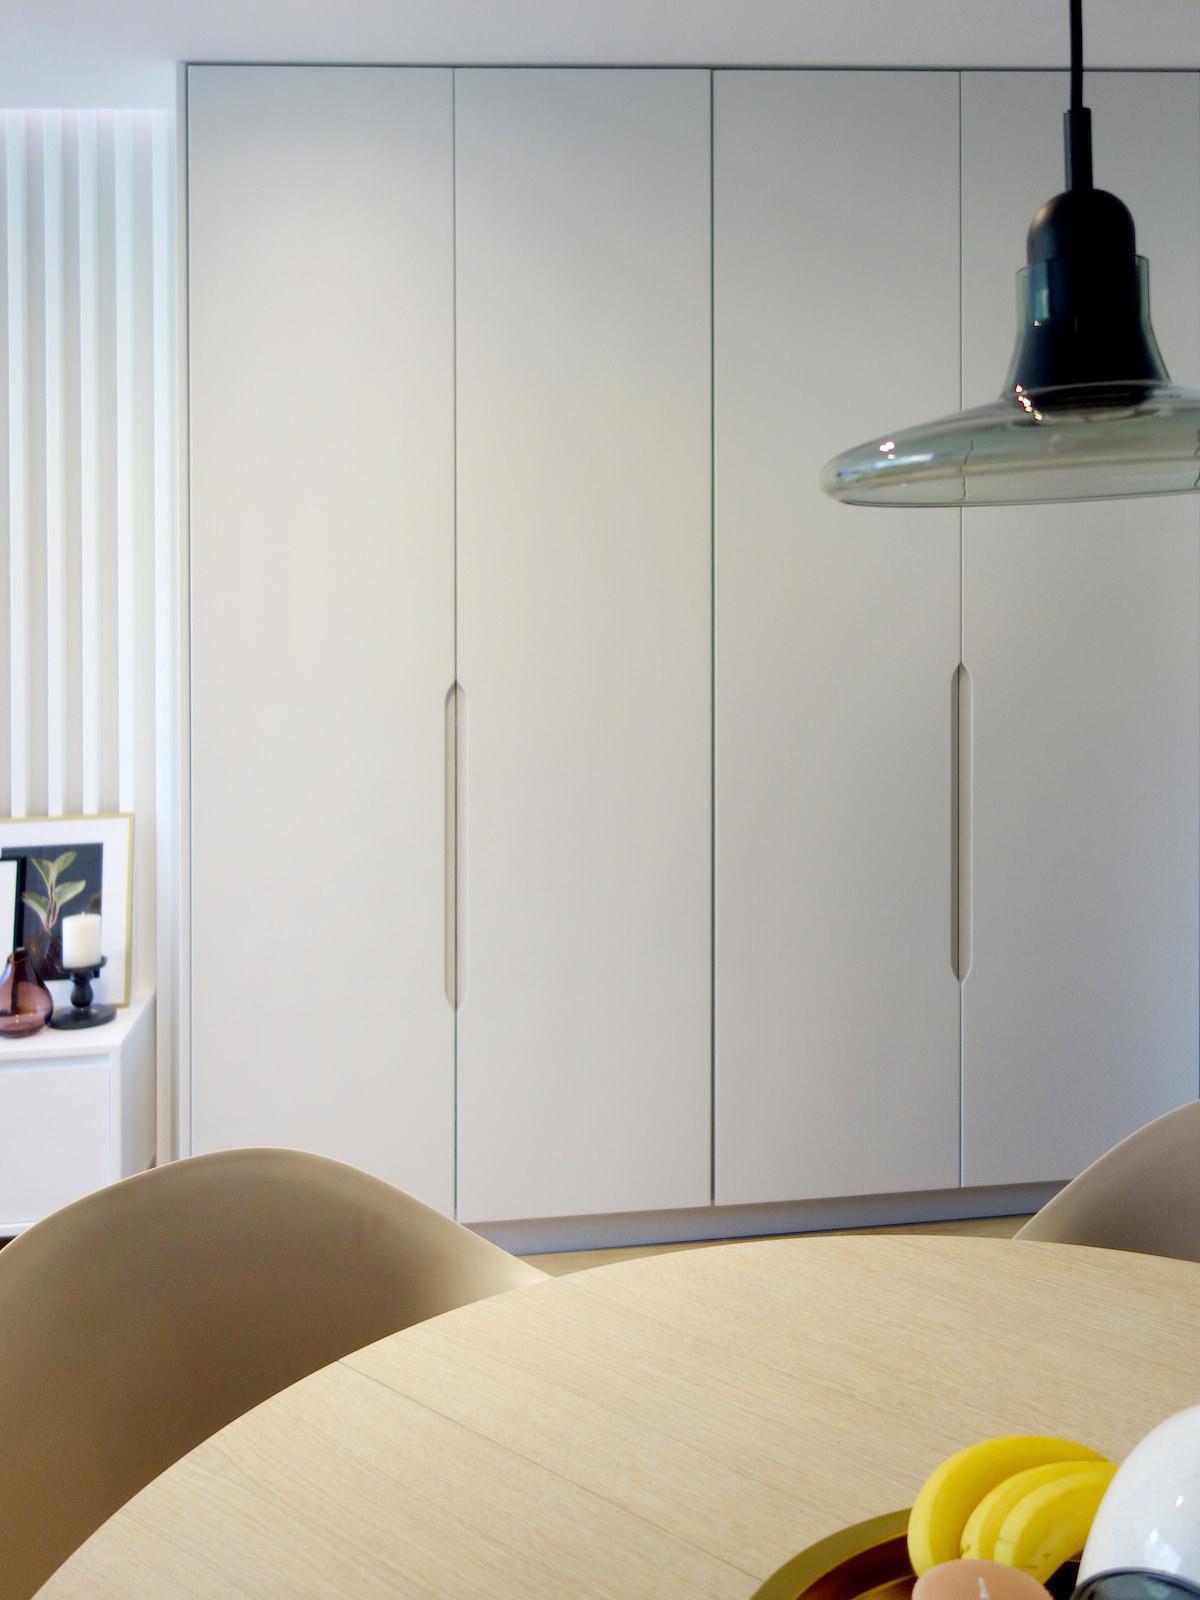 3 architekt wnetrz R078 mieszkanie siemianowice slaskie zabudowa meblowa biala frezowane uchwyty listewki na scianie okragly stol